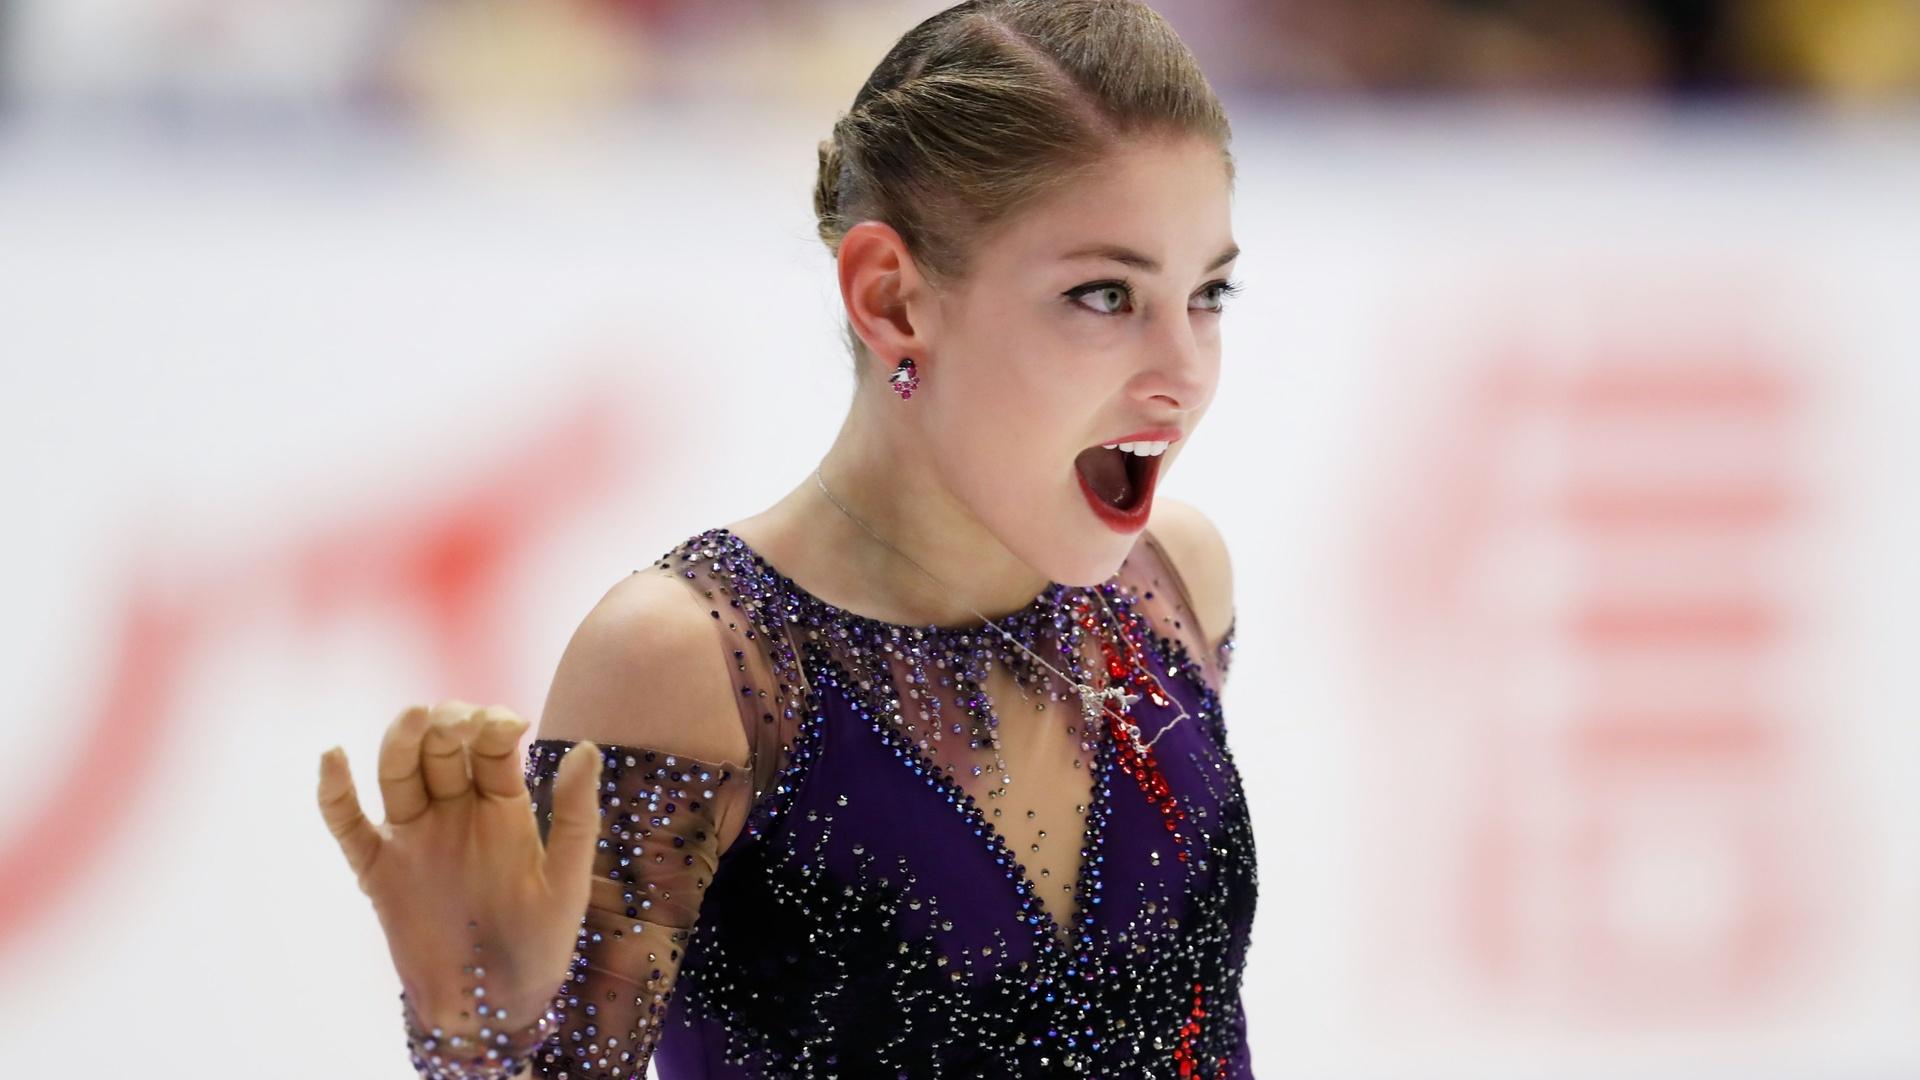 بالفيديو.. الروسية كوستورنايا تفوز بجائزة اليابان للتزحلق على الجليد